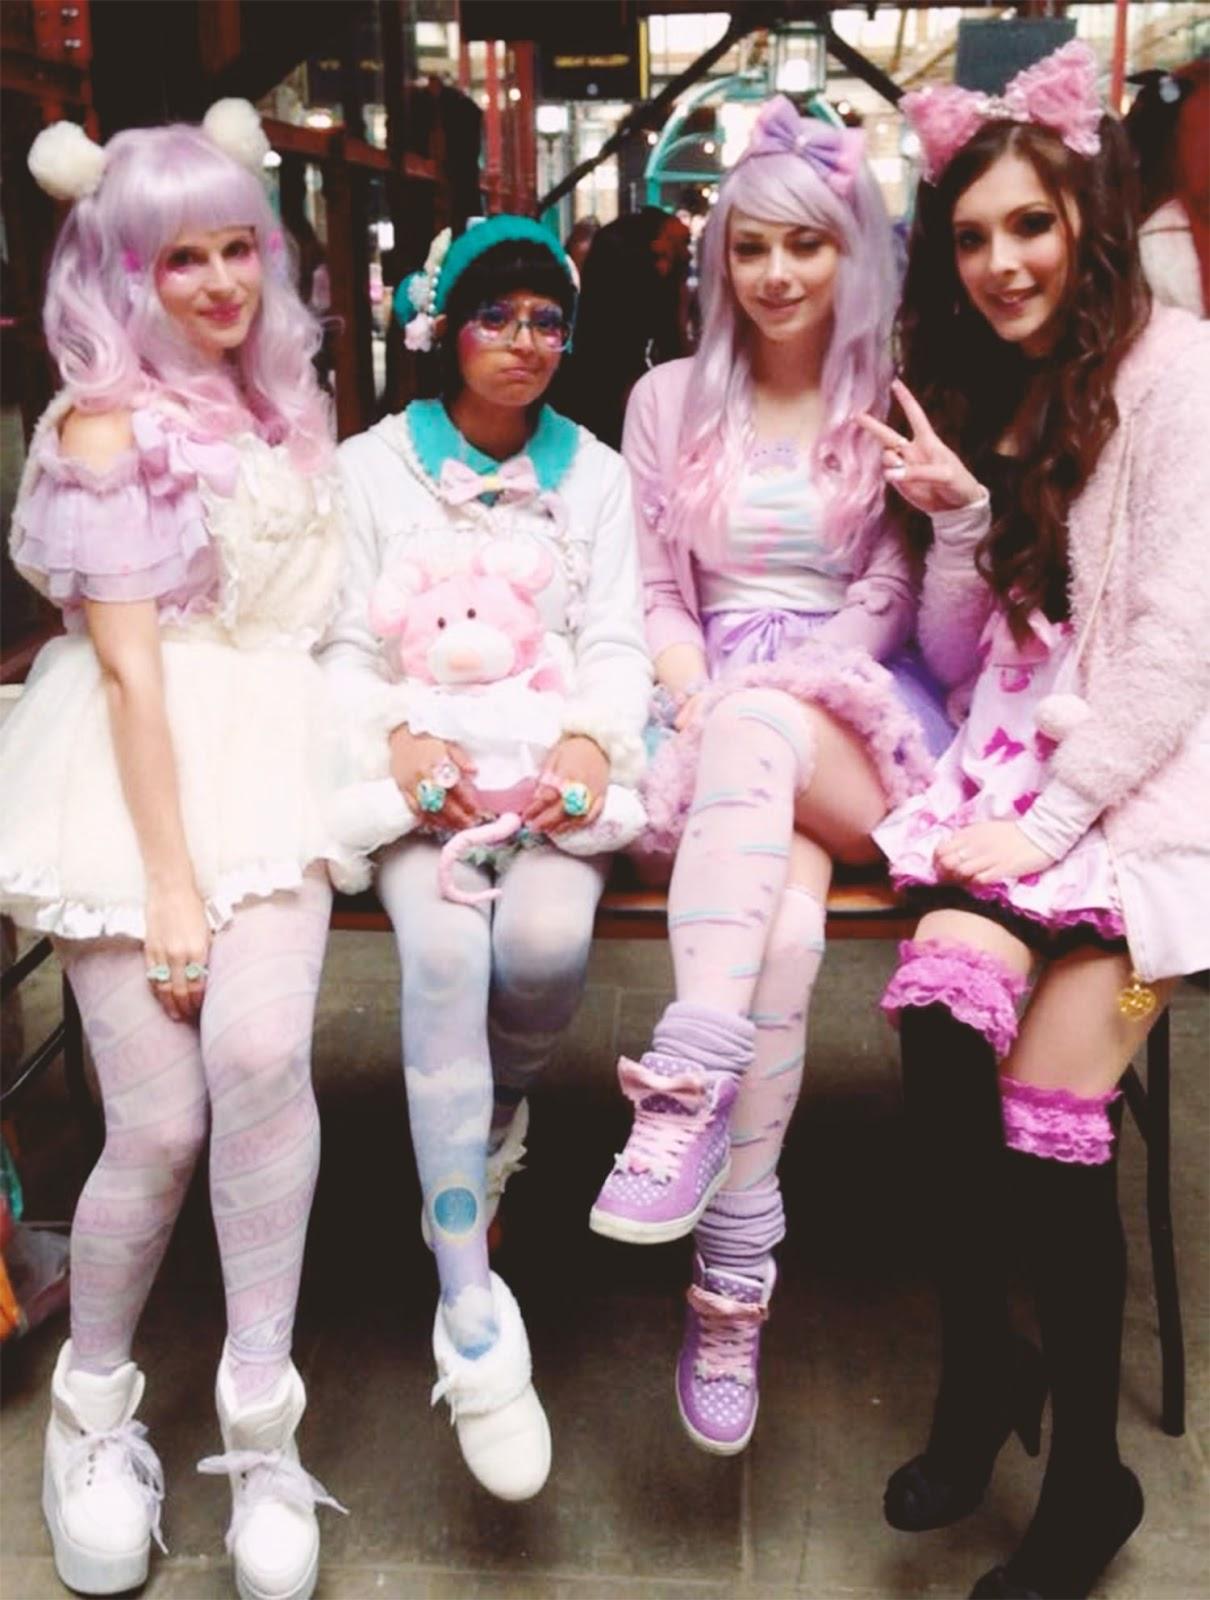 jfashion show, gyaru, pastel, fairy kei